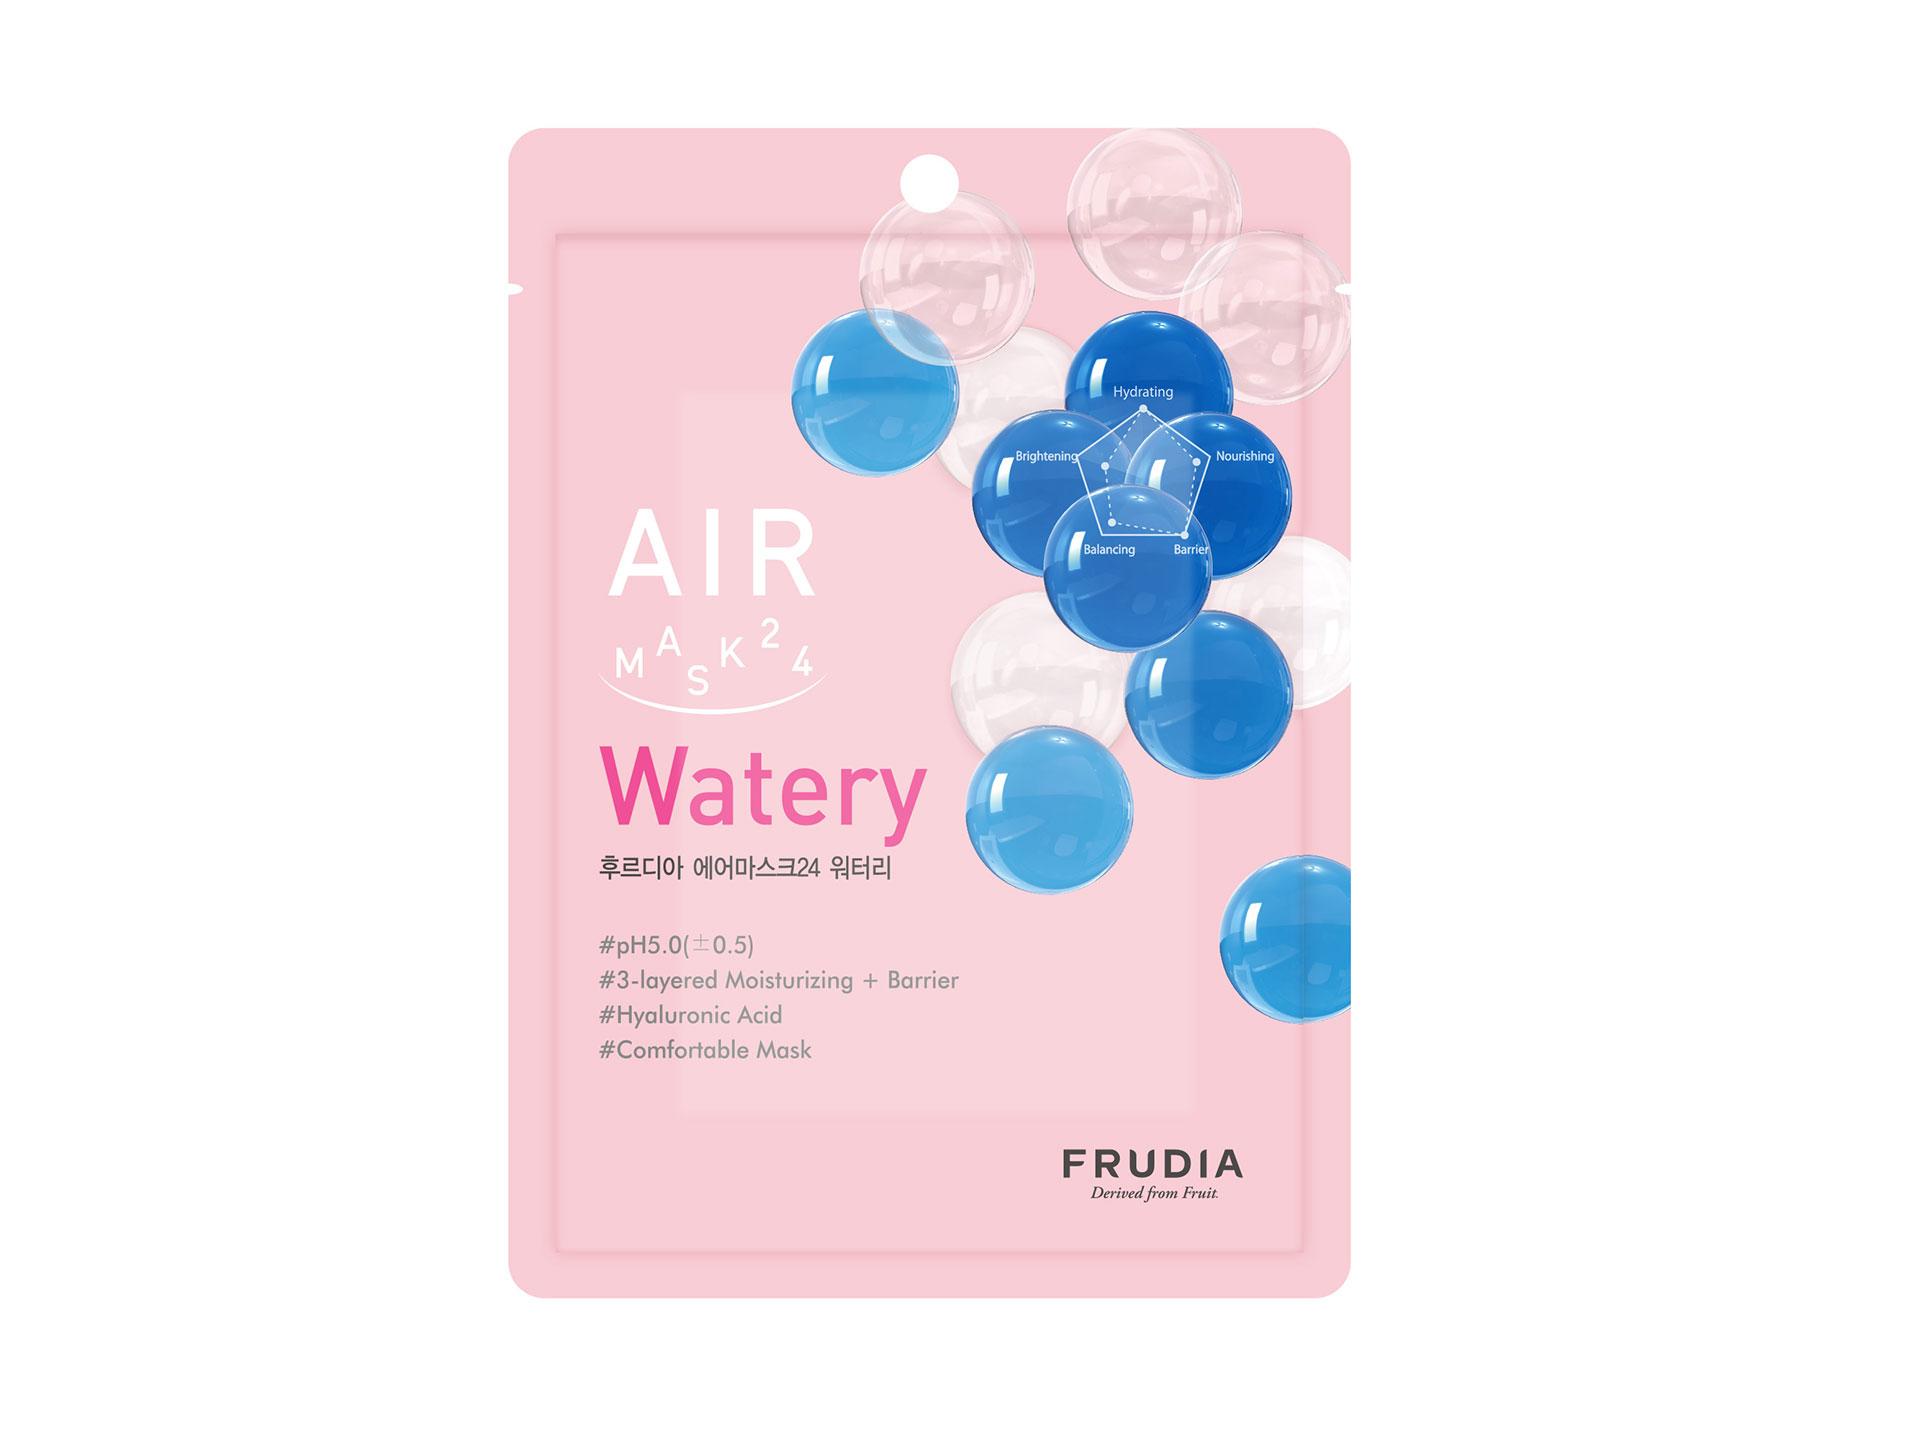 FRUDIA - Air Mask 24 Watery - Nawilżająca maska z kwasem hialuronowym